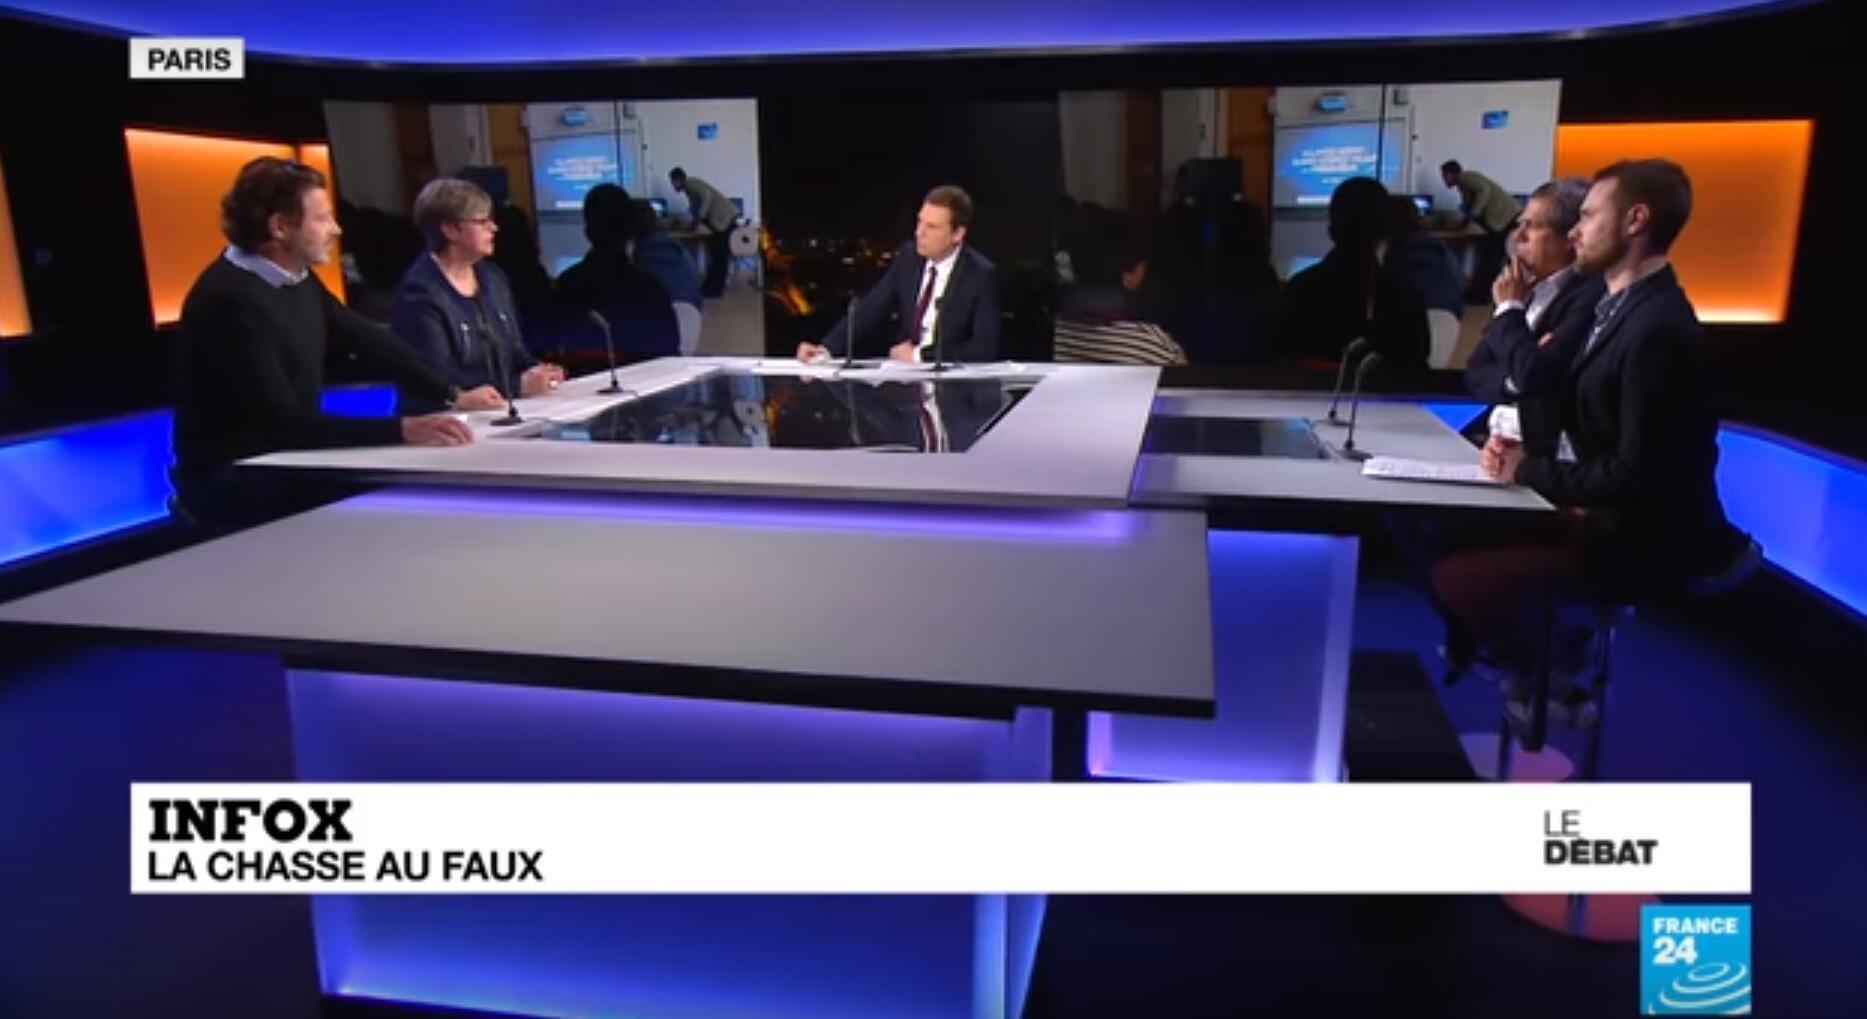 Dans le Débat de France24 lundi 18mars, un panel d'invités est revenu sur la question de la lutte contre les fausses informations.